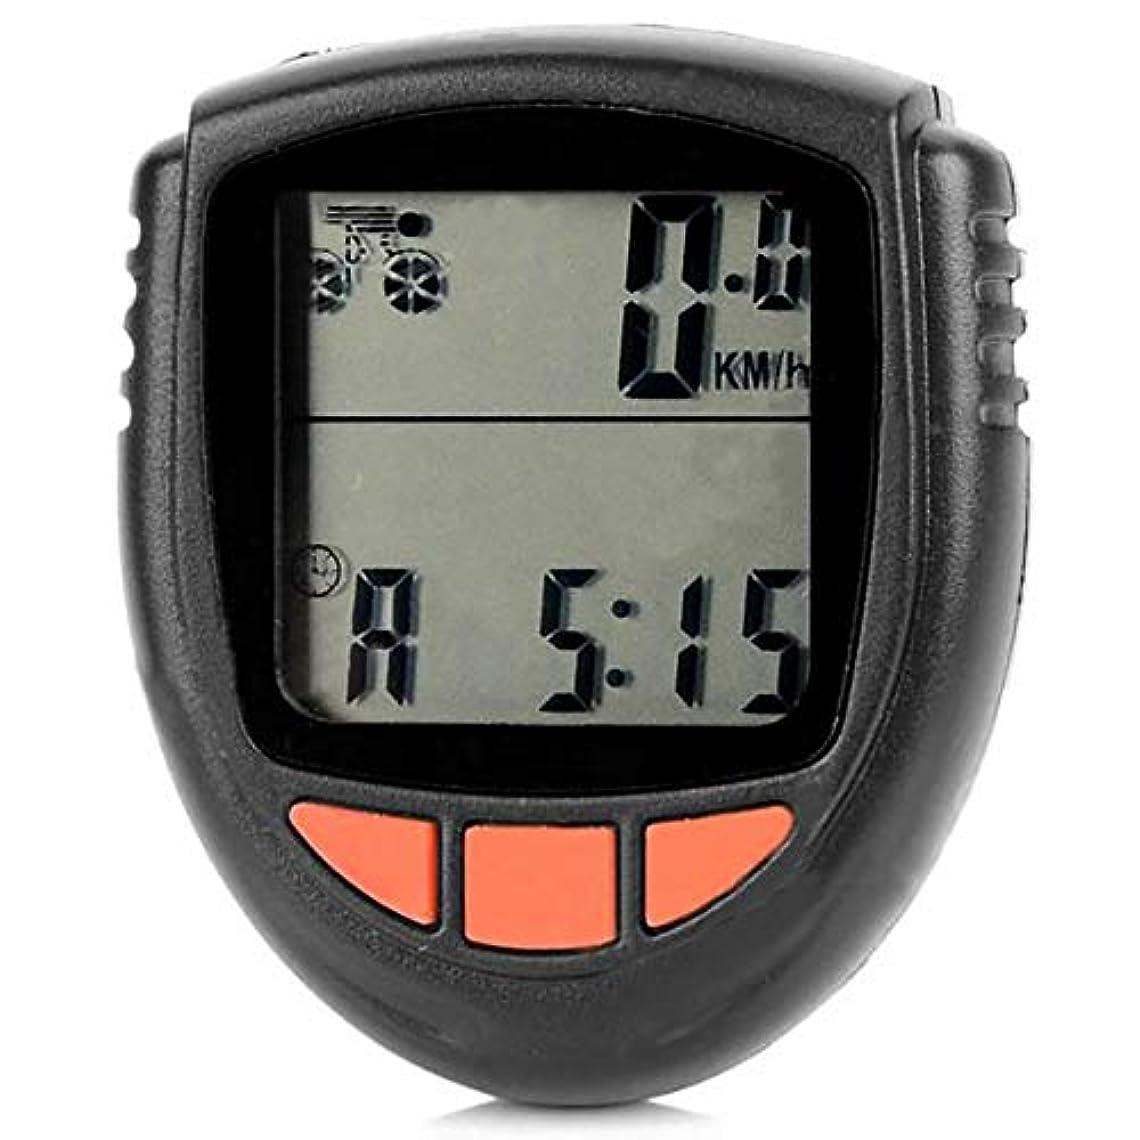 アクセサリーあなたが良くなります懸念自転車 コード表 スピードメーター 走行距離計 機能 防水 コード表